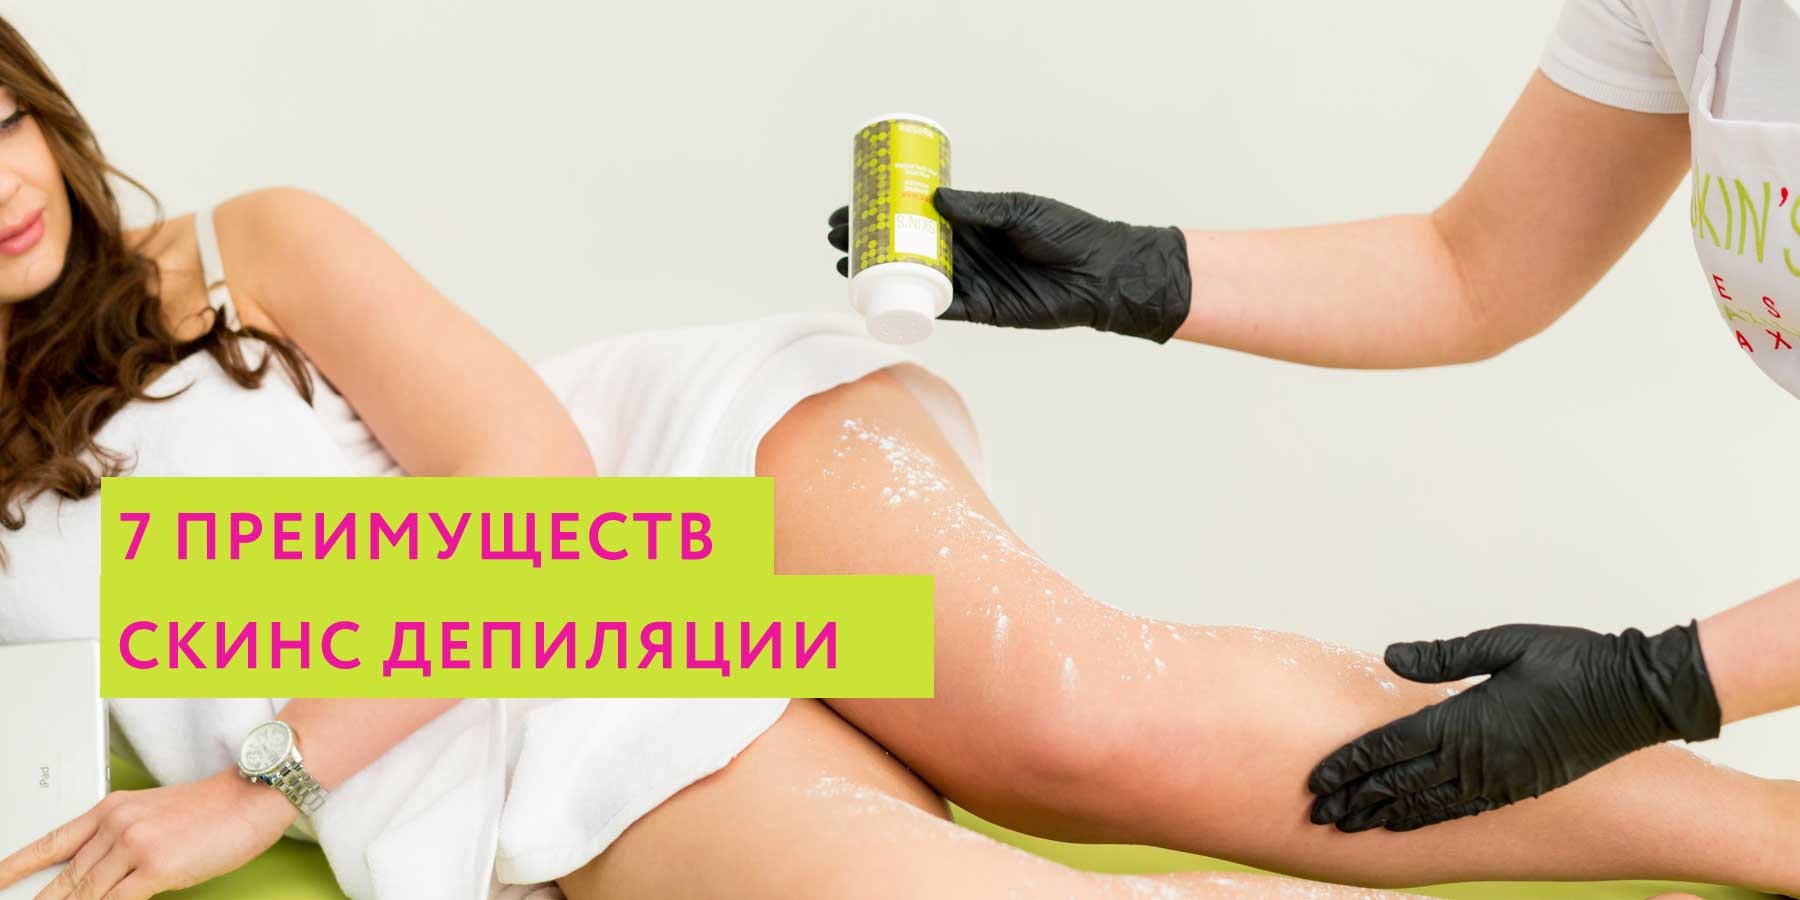 Скин эпиляция (Москва): 7 преимуществ инновационного метода удаления волос